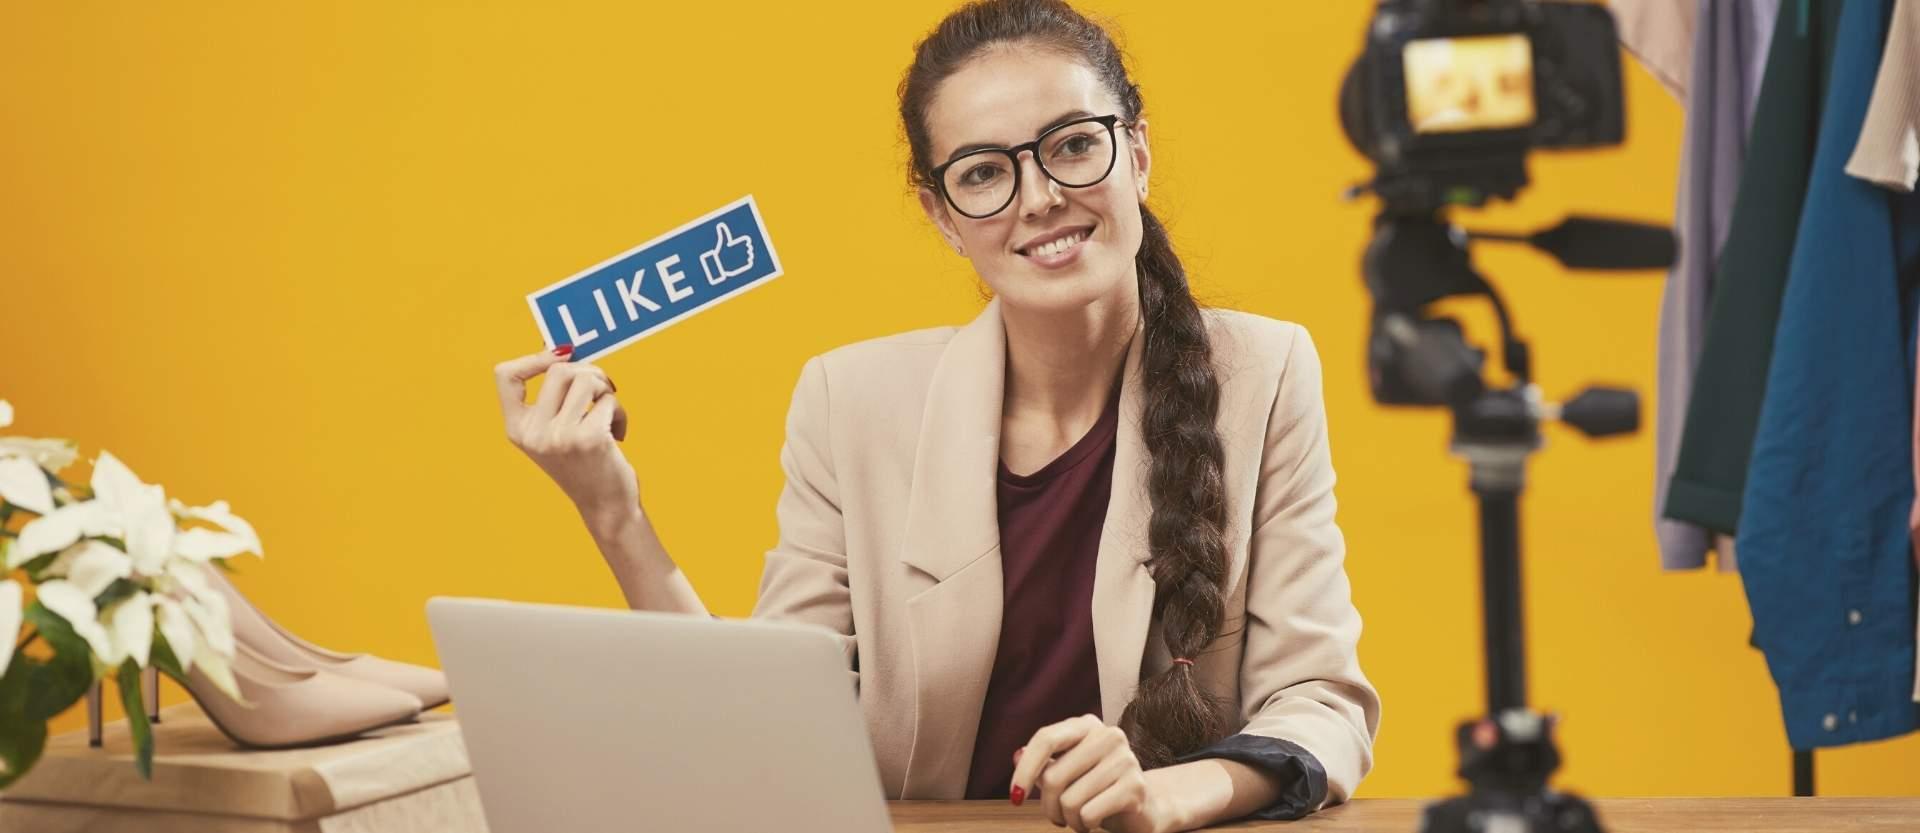 Povinné údaje súťaže na sociálnej sieti